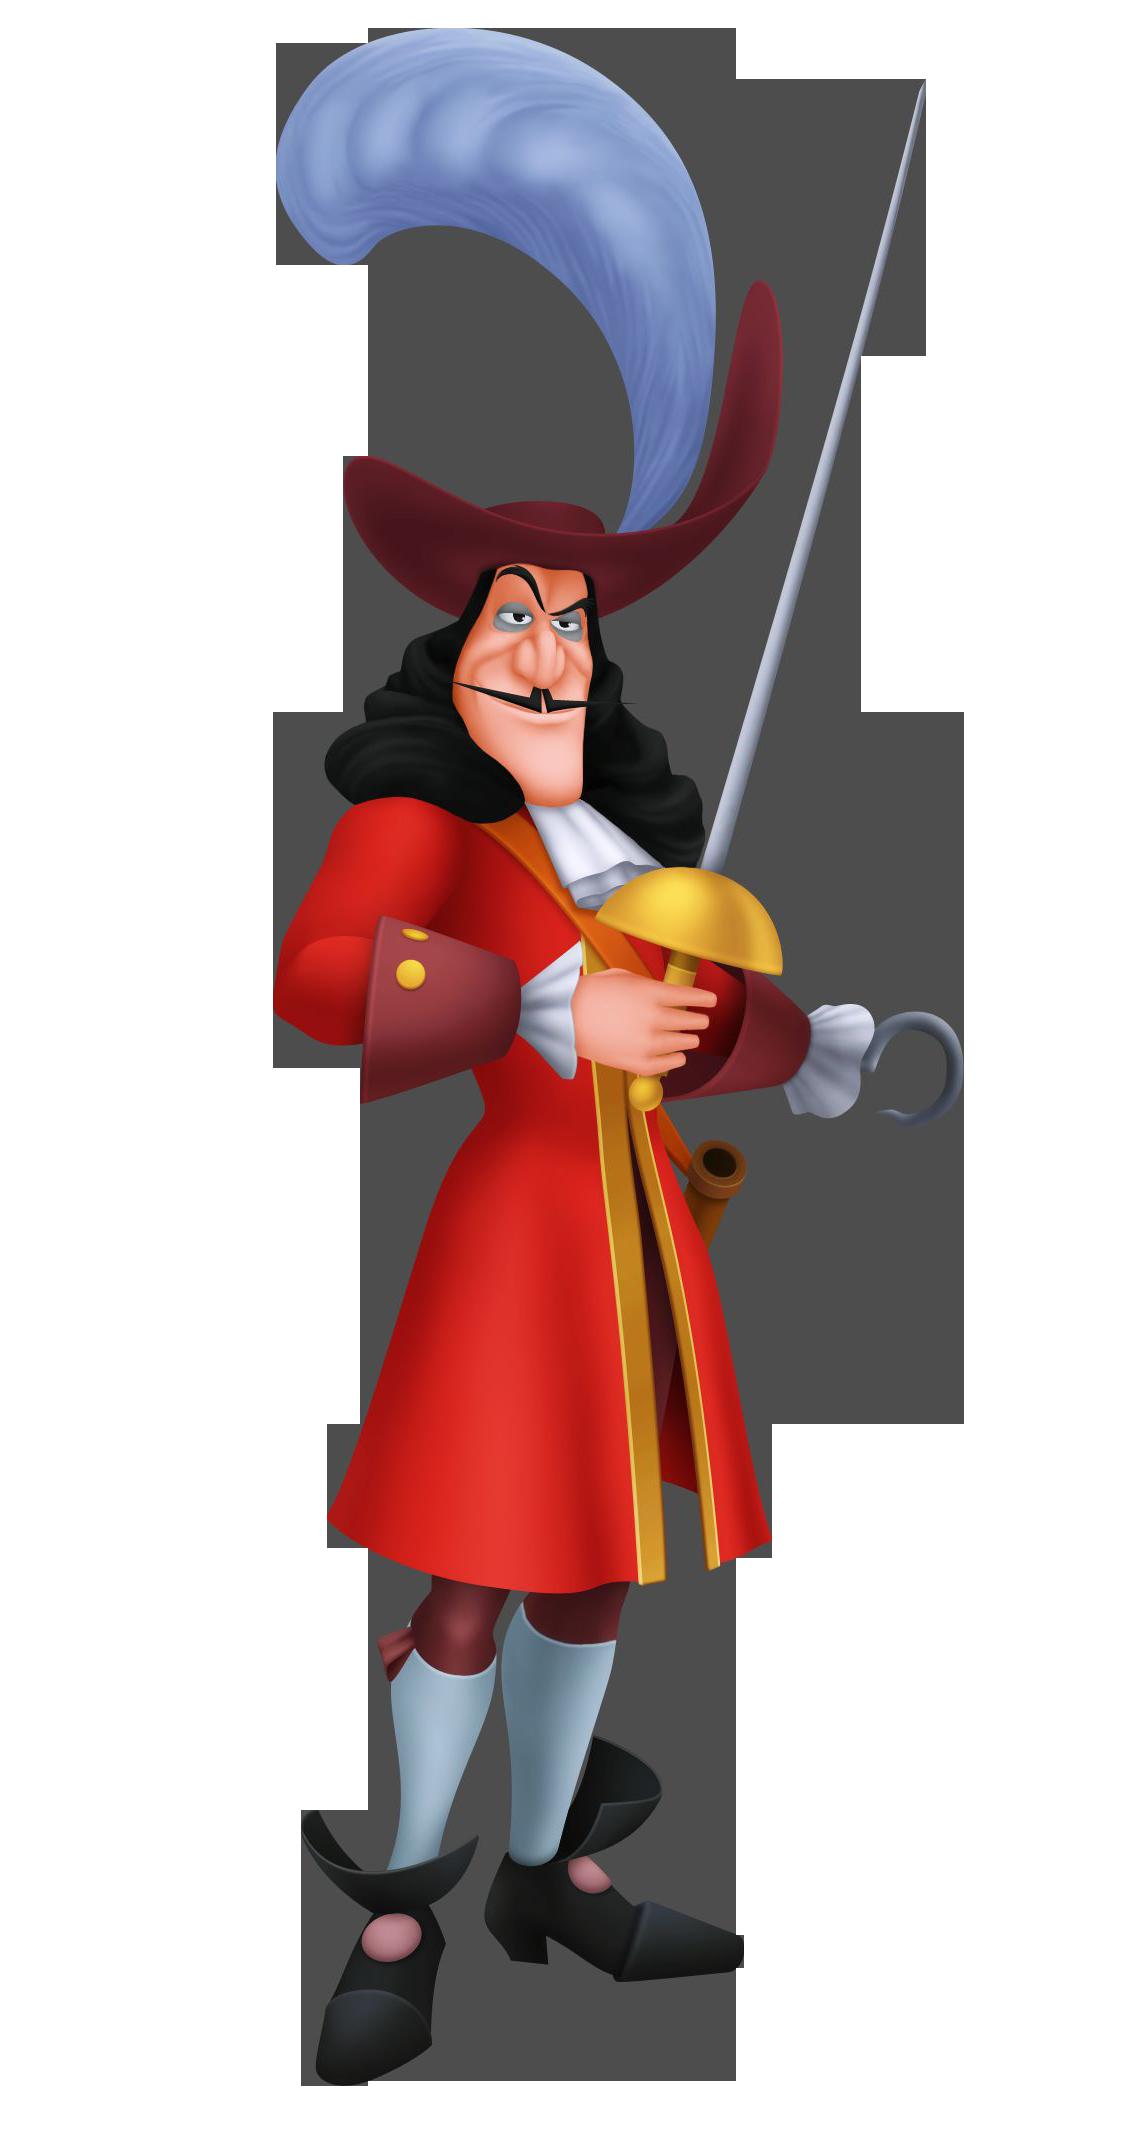 Crocodile clipart captain hook's. Hook disney wiki fandom